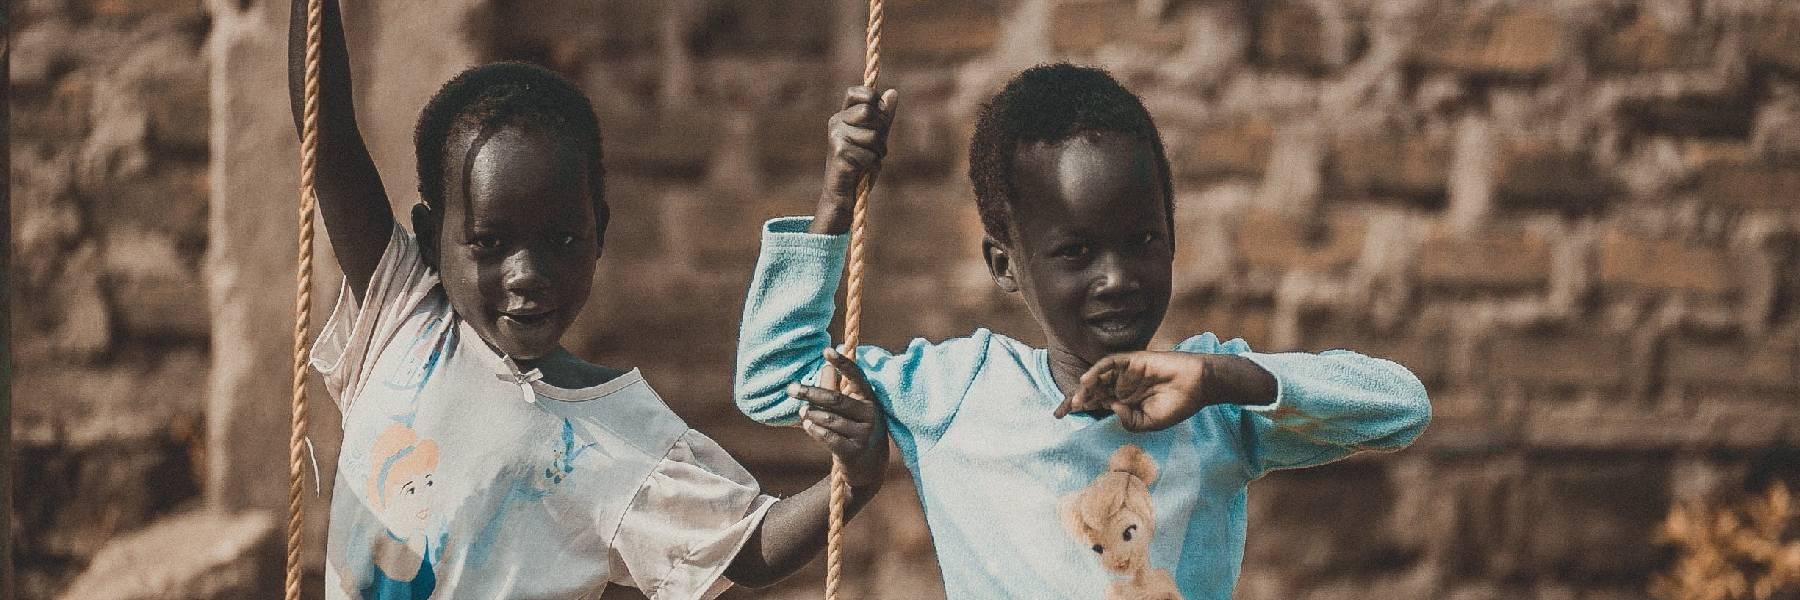 Niños disfrutando en el orfanato de los juegos voluntarios